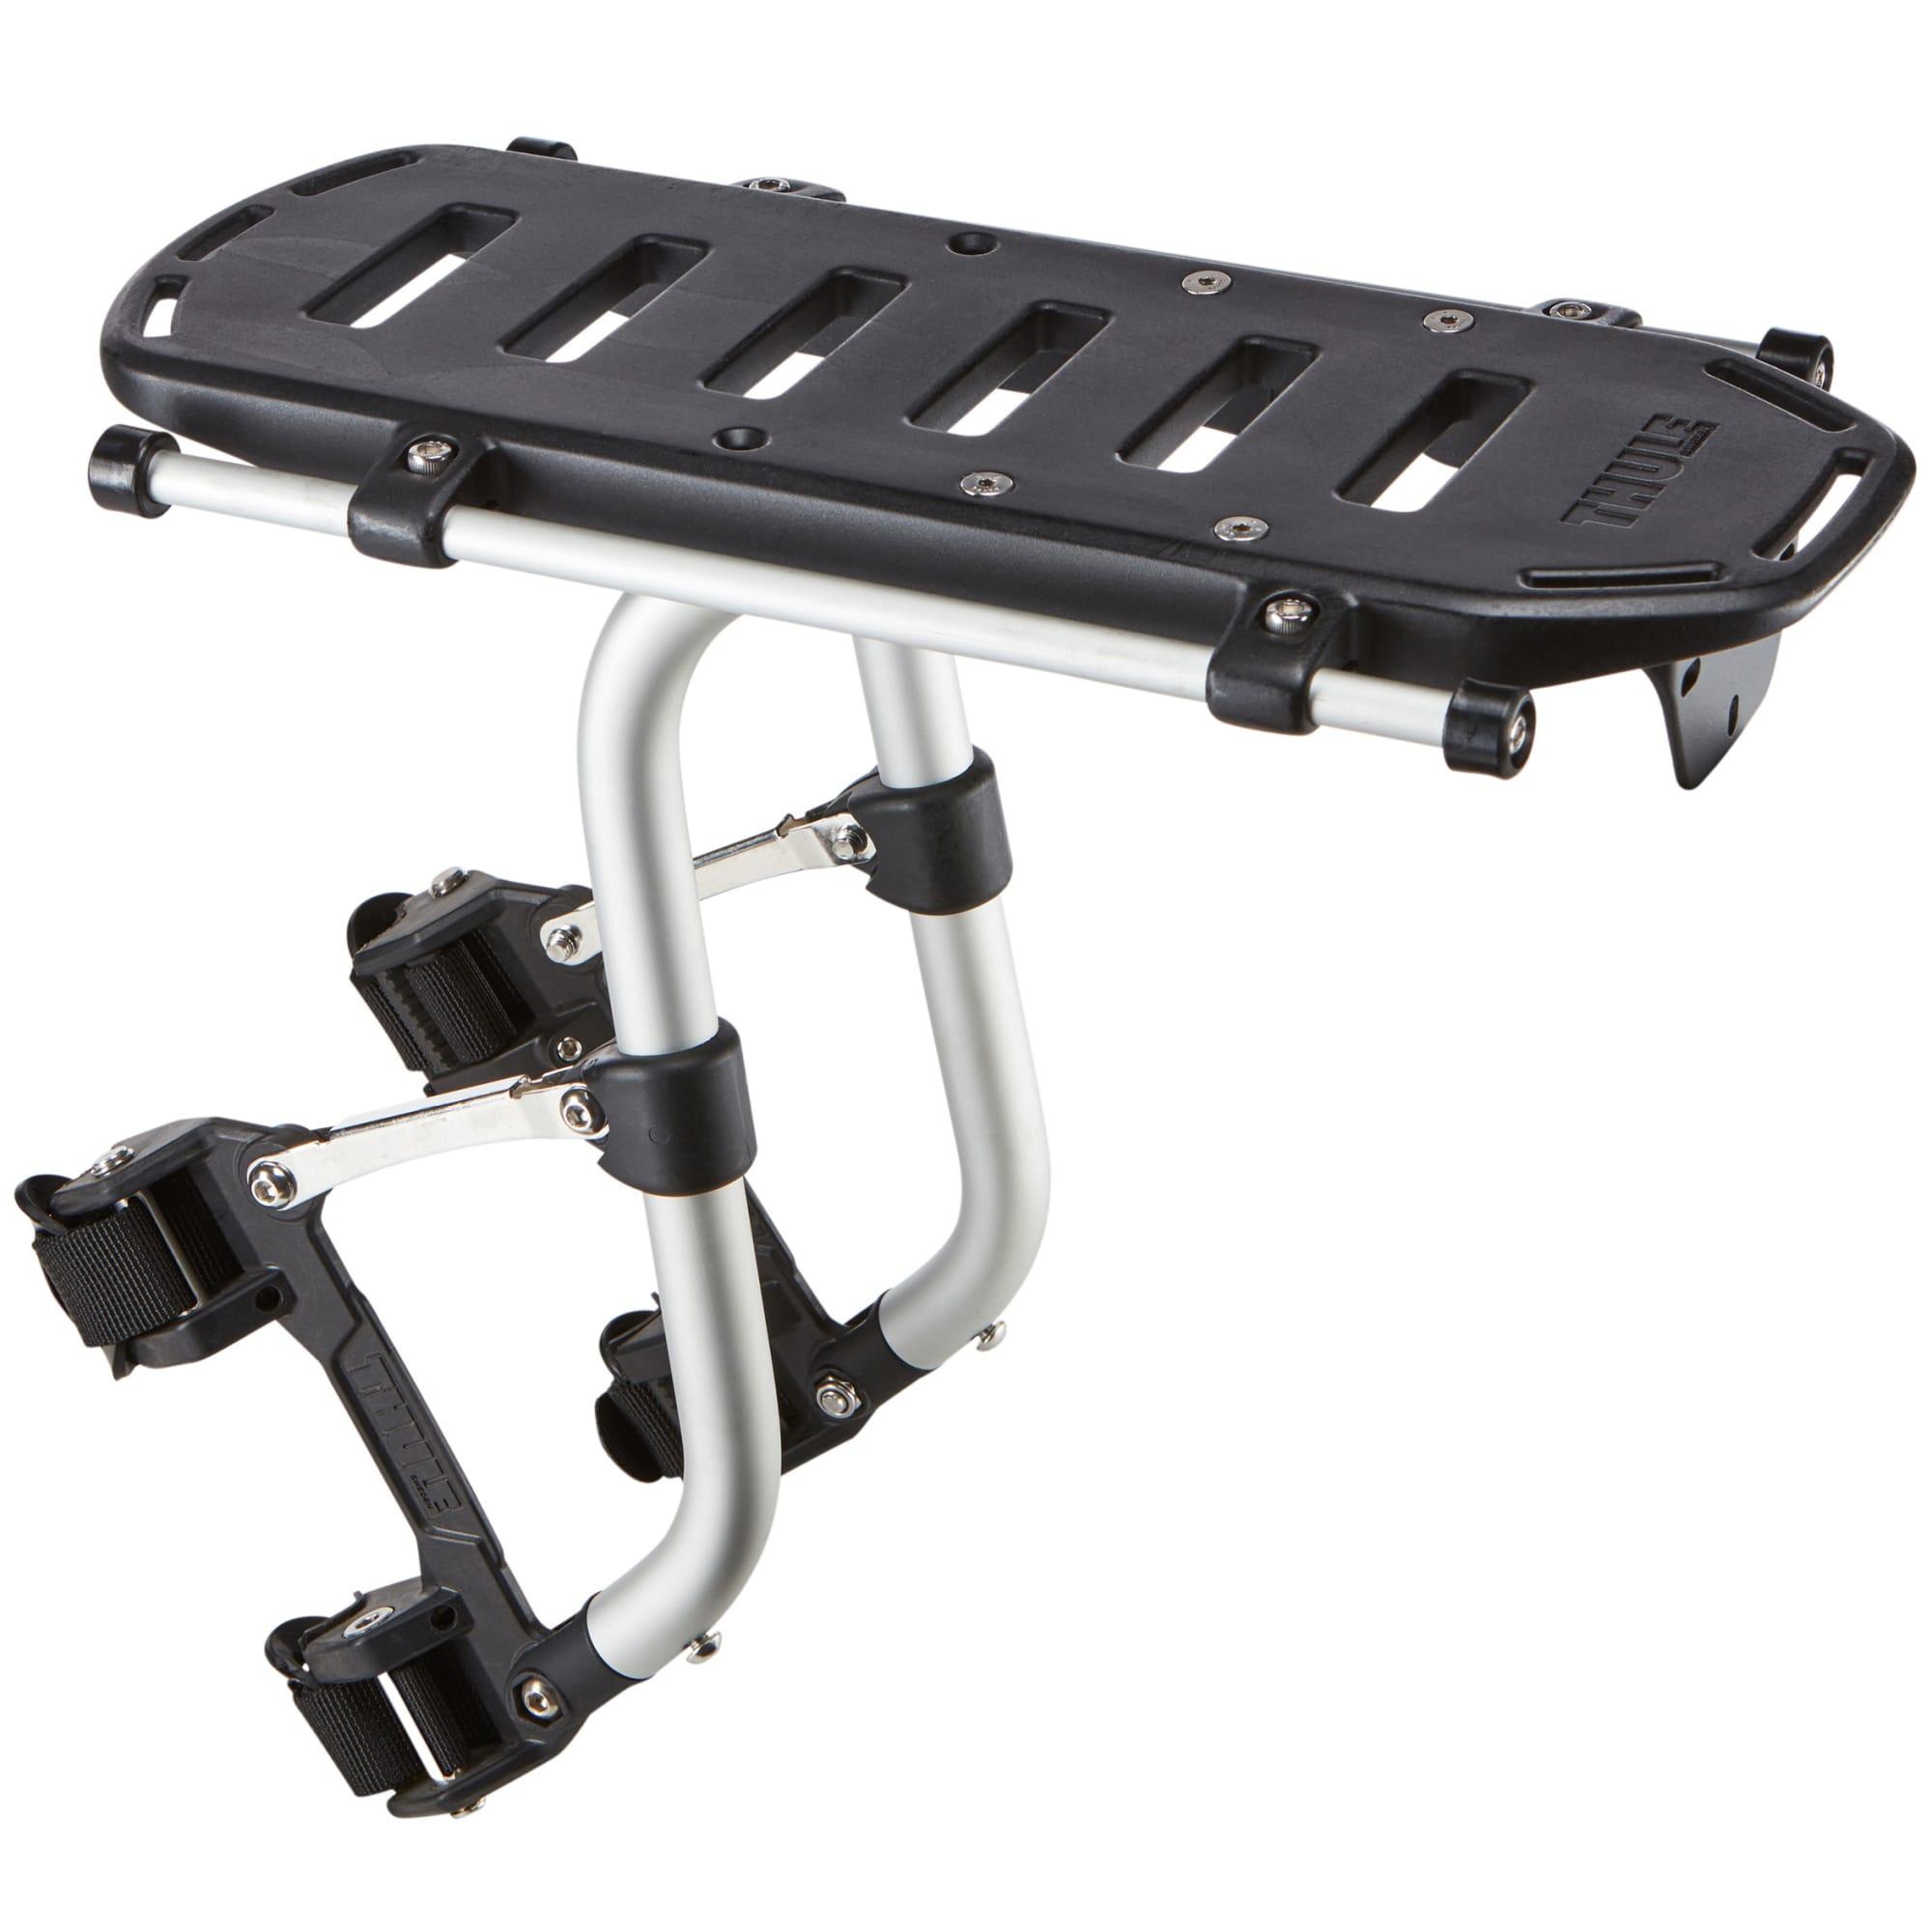 Til montering foran eller bagpå cyklen